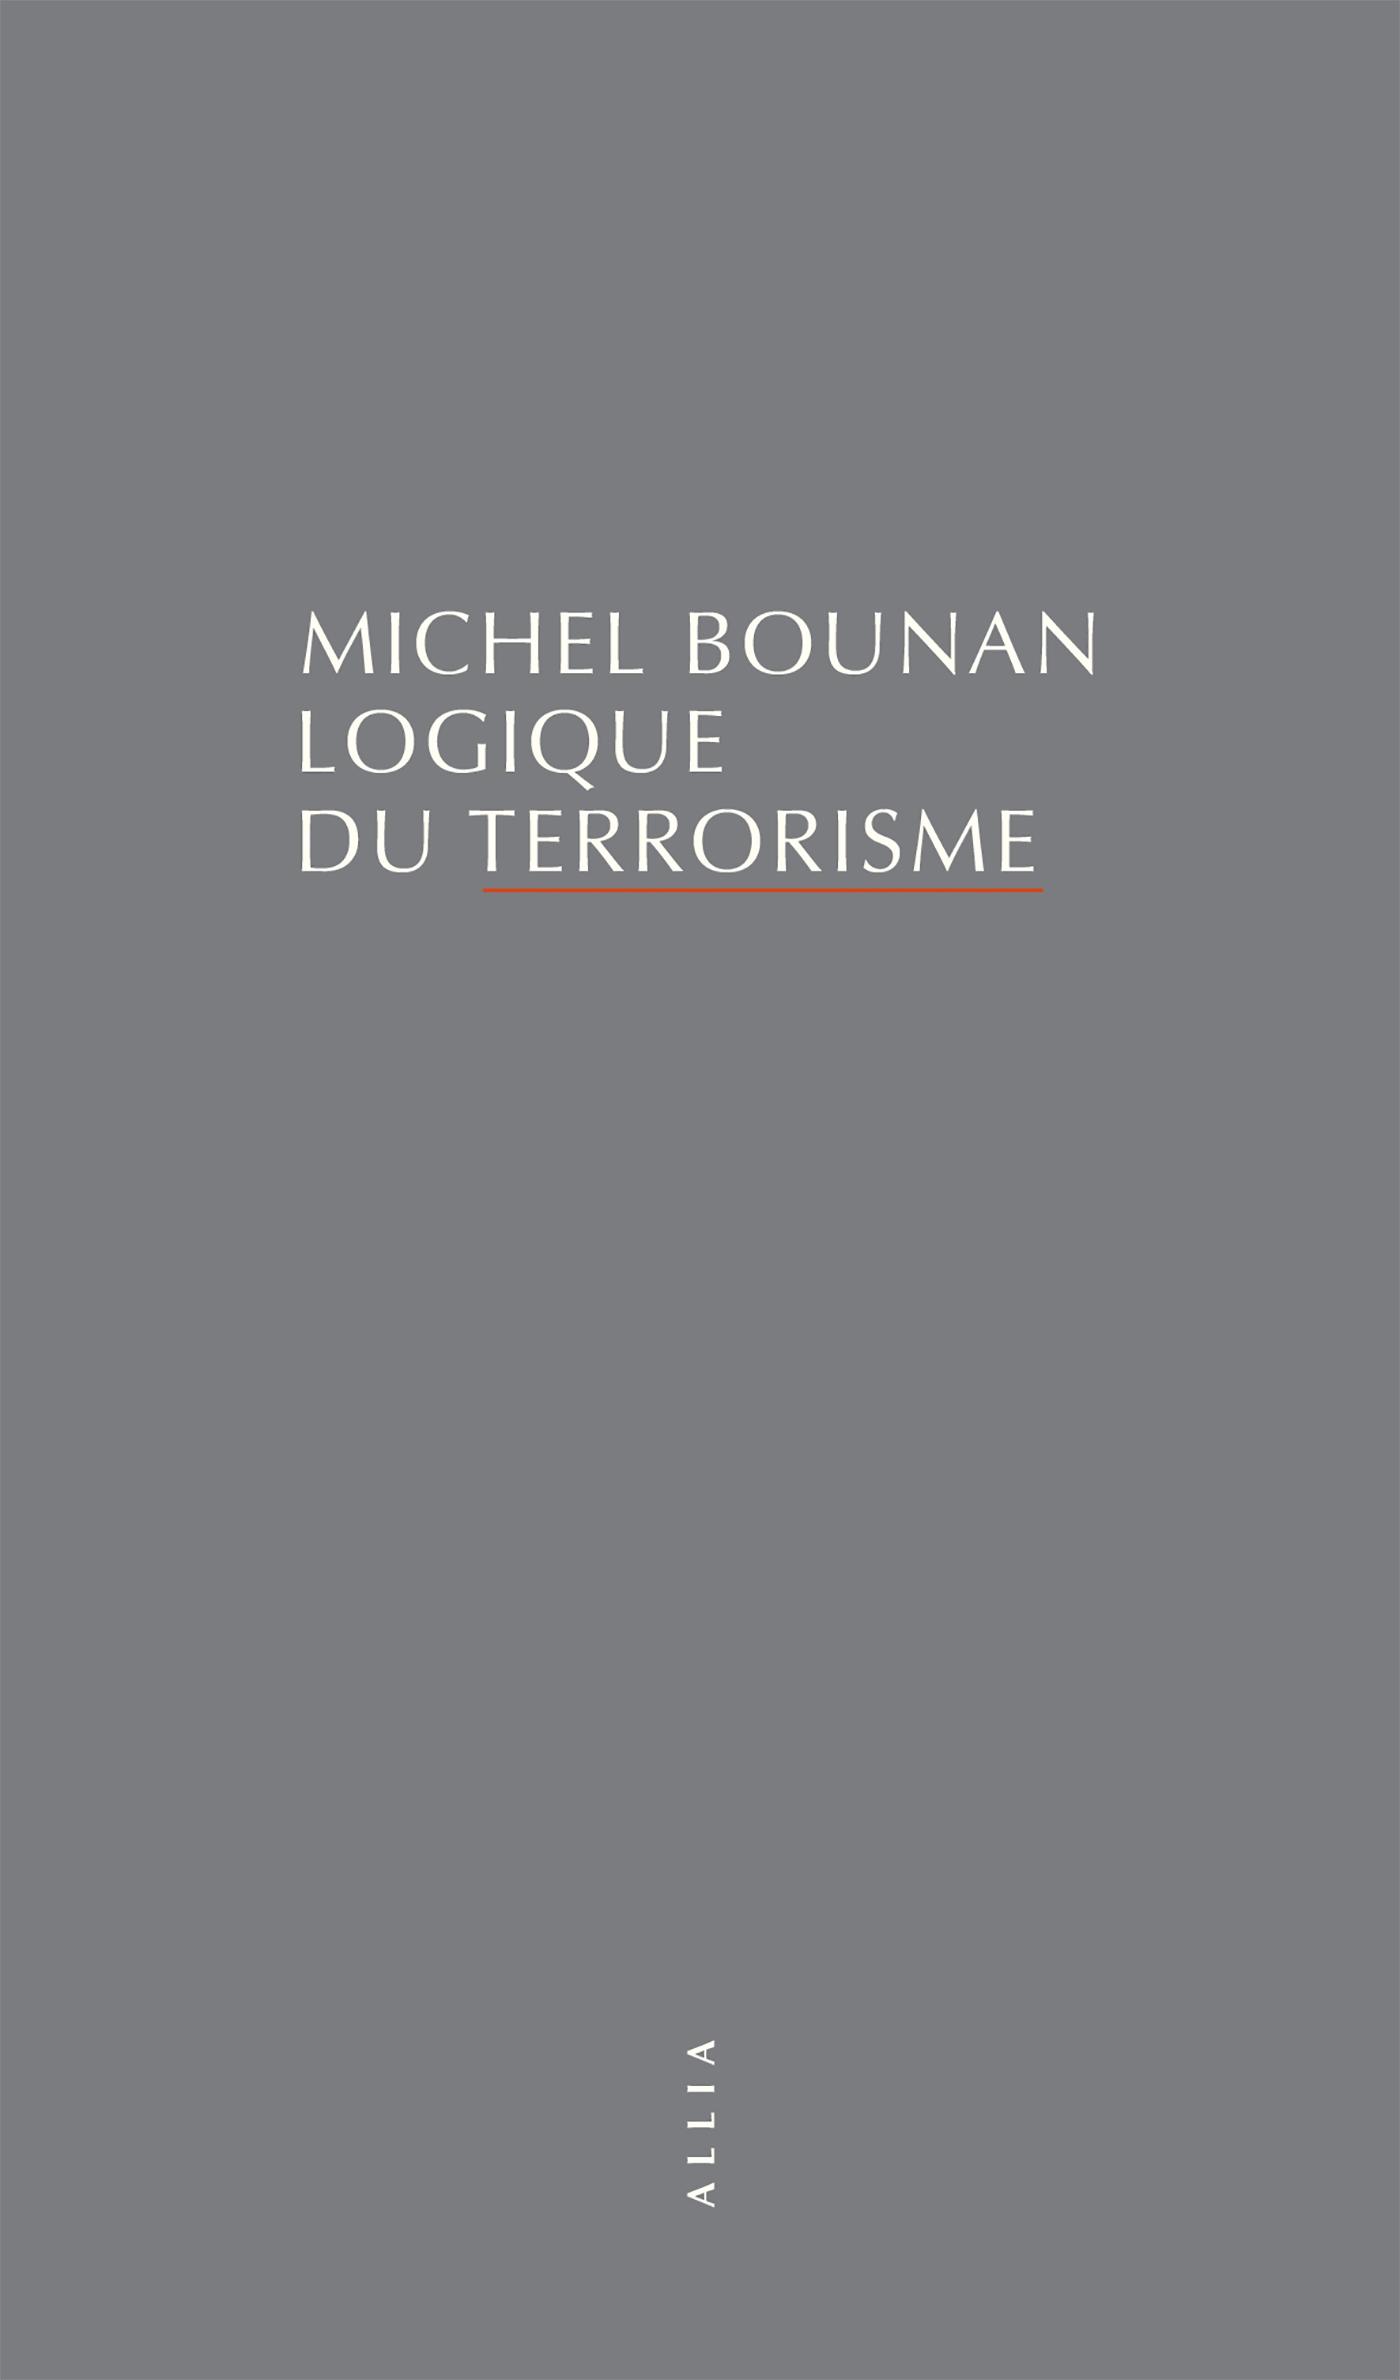 Logique du terrorisme